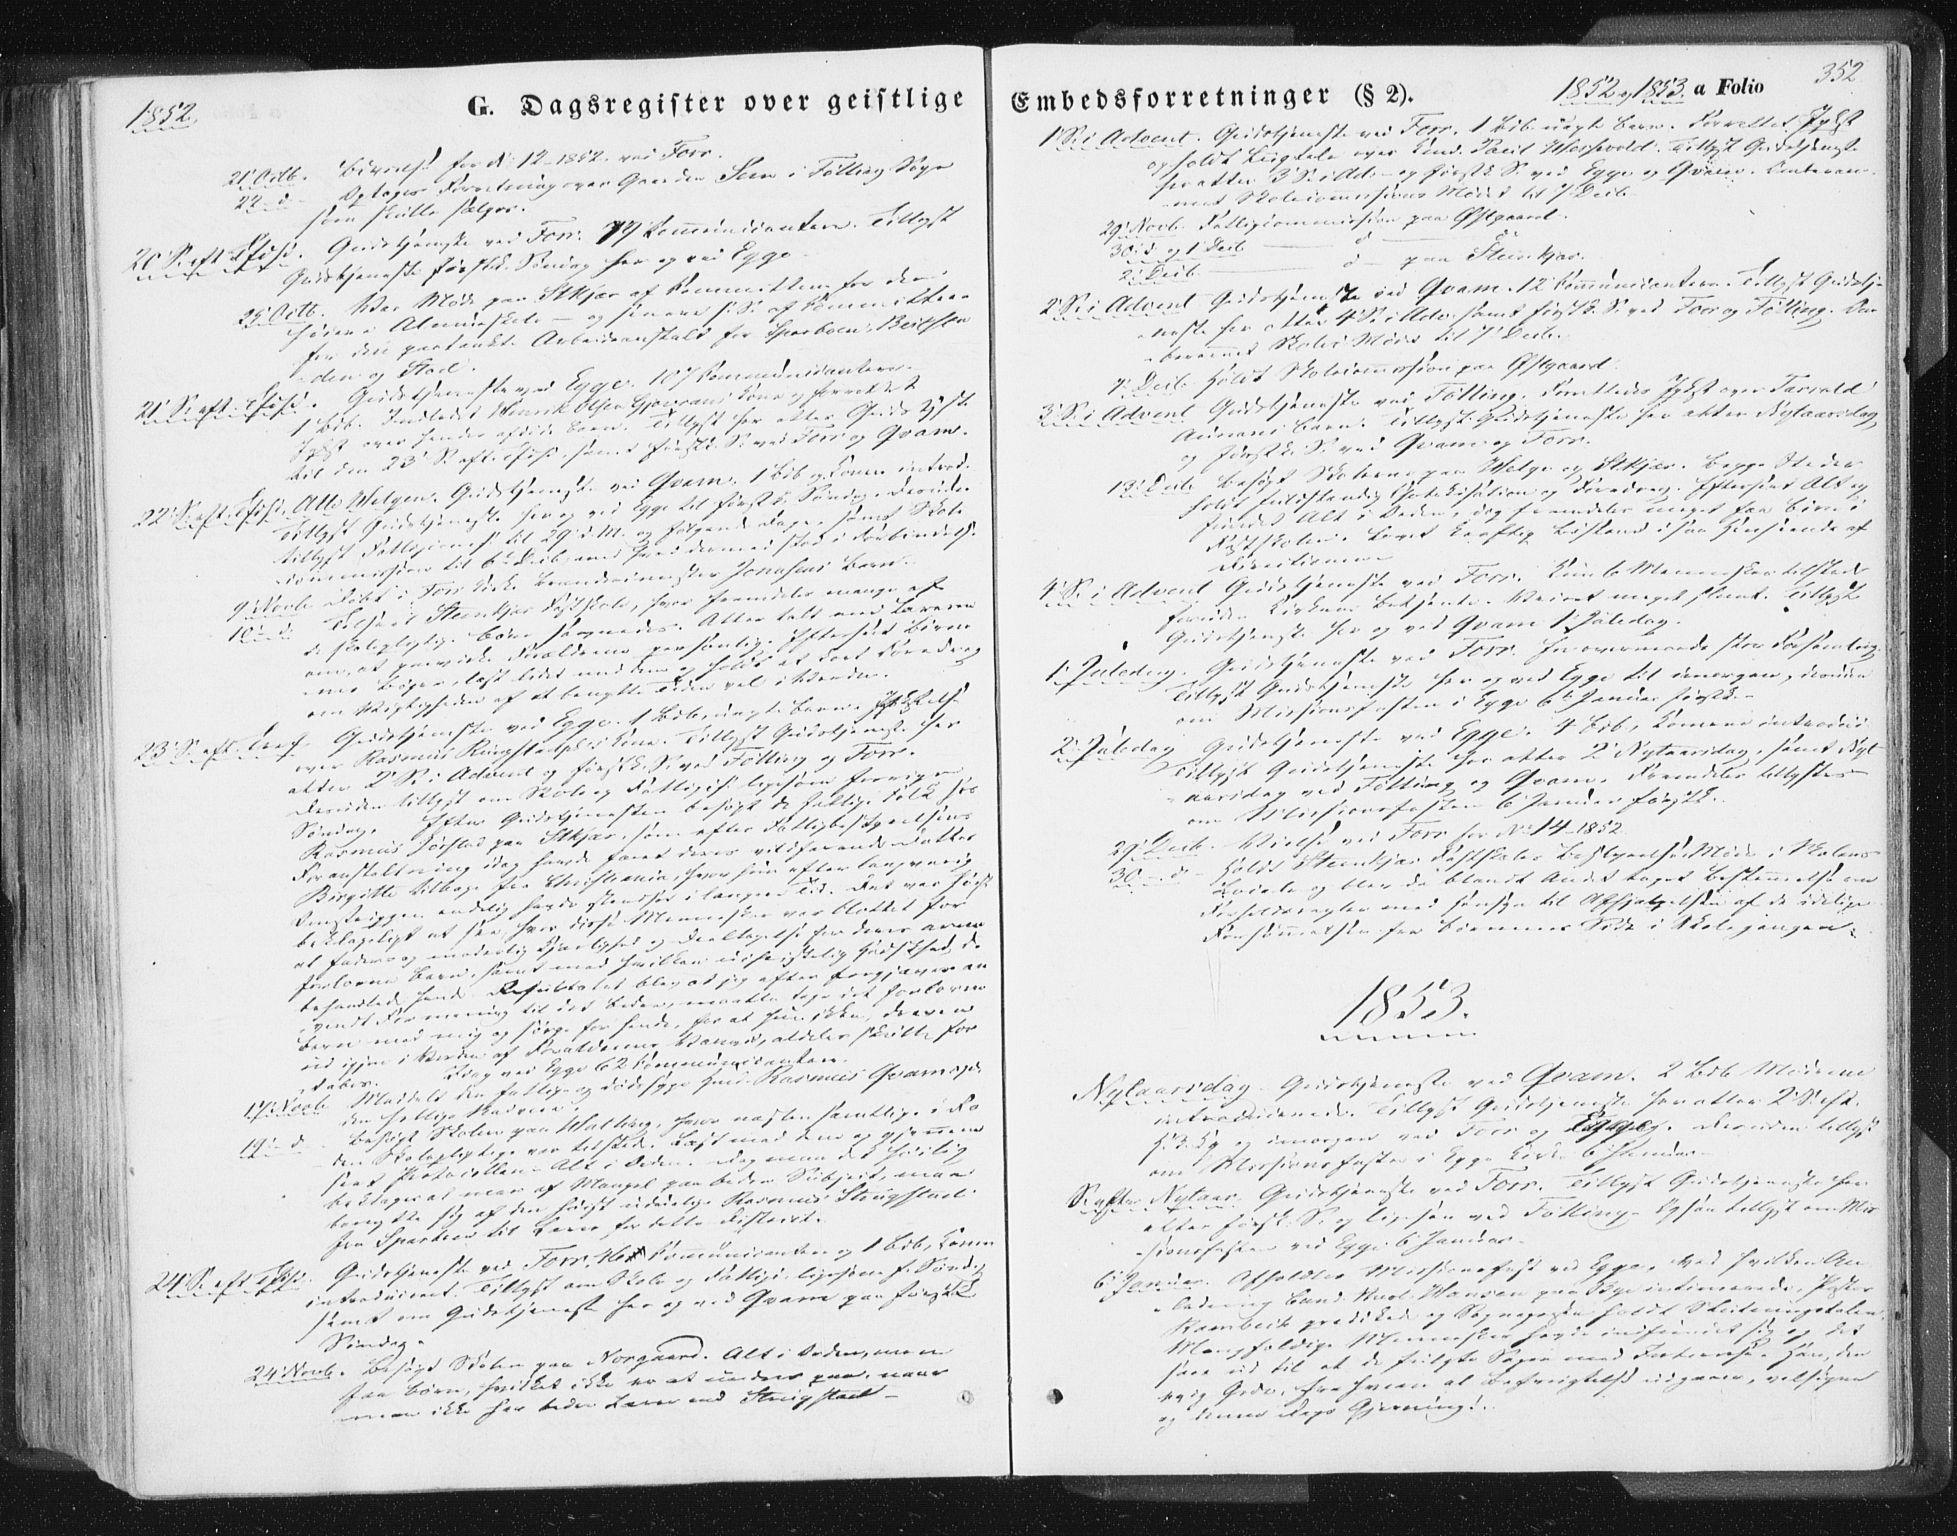 SAT, Ministerialprotokoller, klokkerbøker og fødselsregistre - Nord-Trøndelag, 746/L0446: Ministerialbok nr. 746A05, 1846-1859, s. 352